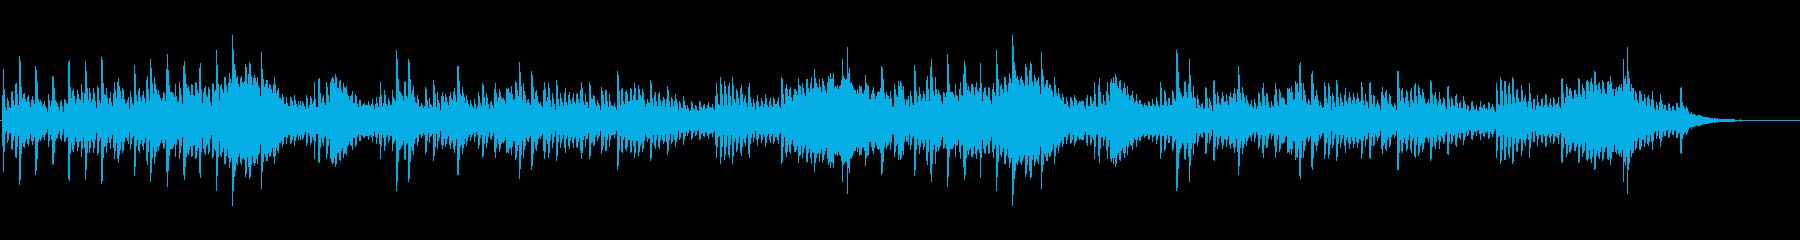 摩訶不思議の再生済みの波形